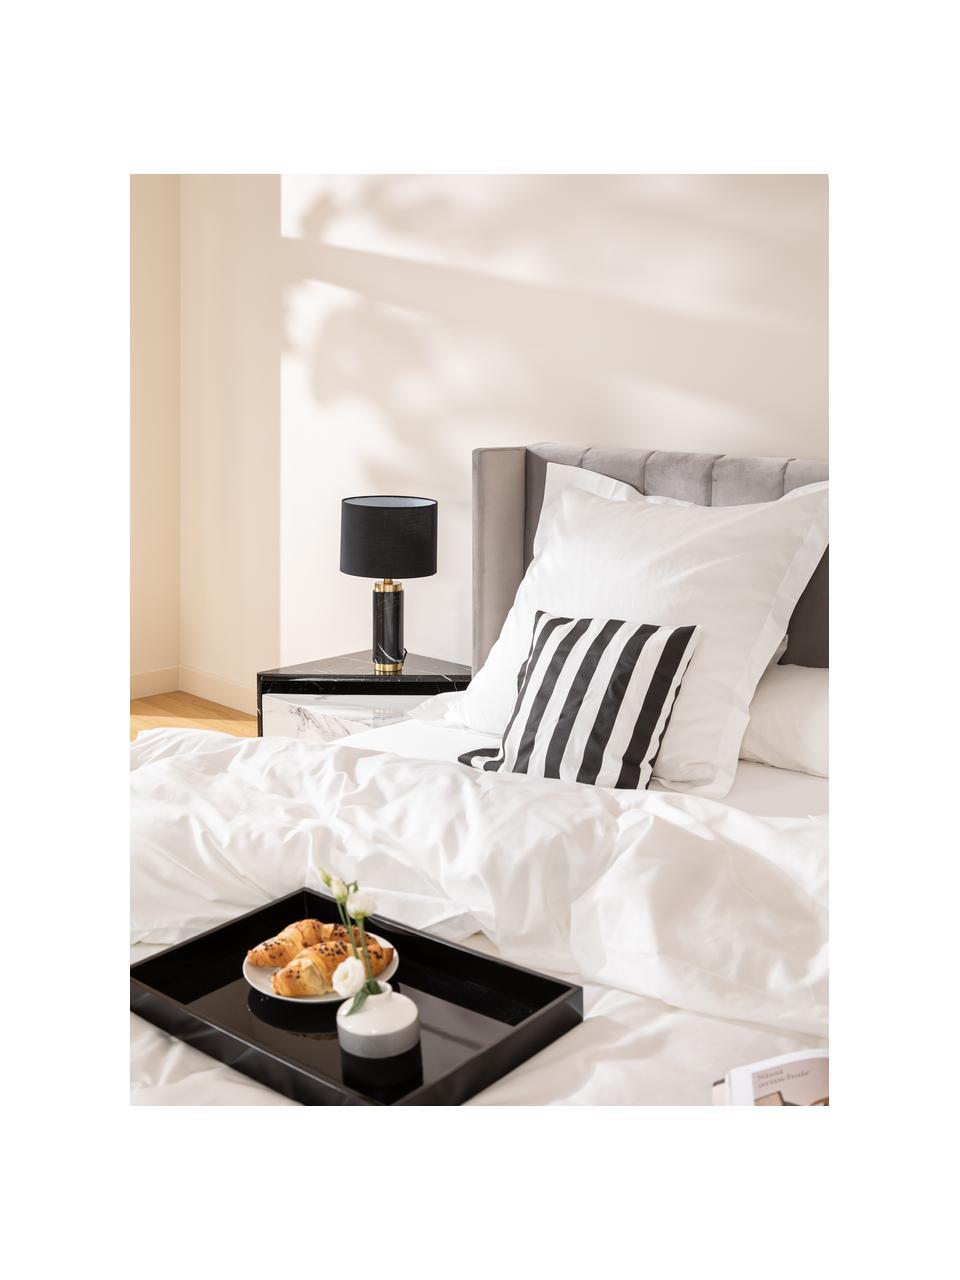 Glam tafellamp Miranda met marmeren voet, Lampenkap: textiel, Lampvoet: marmer, geborsteld messin, Wit, zwart marmer, Ø 28 x H 48 cm